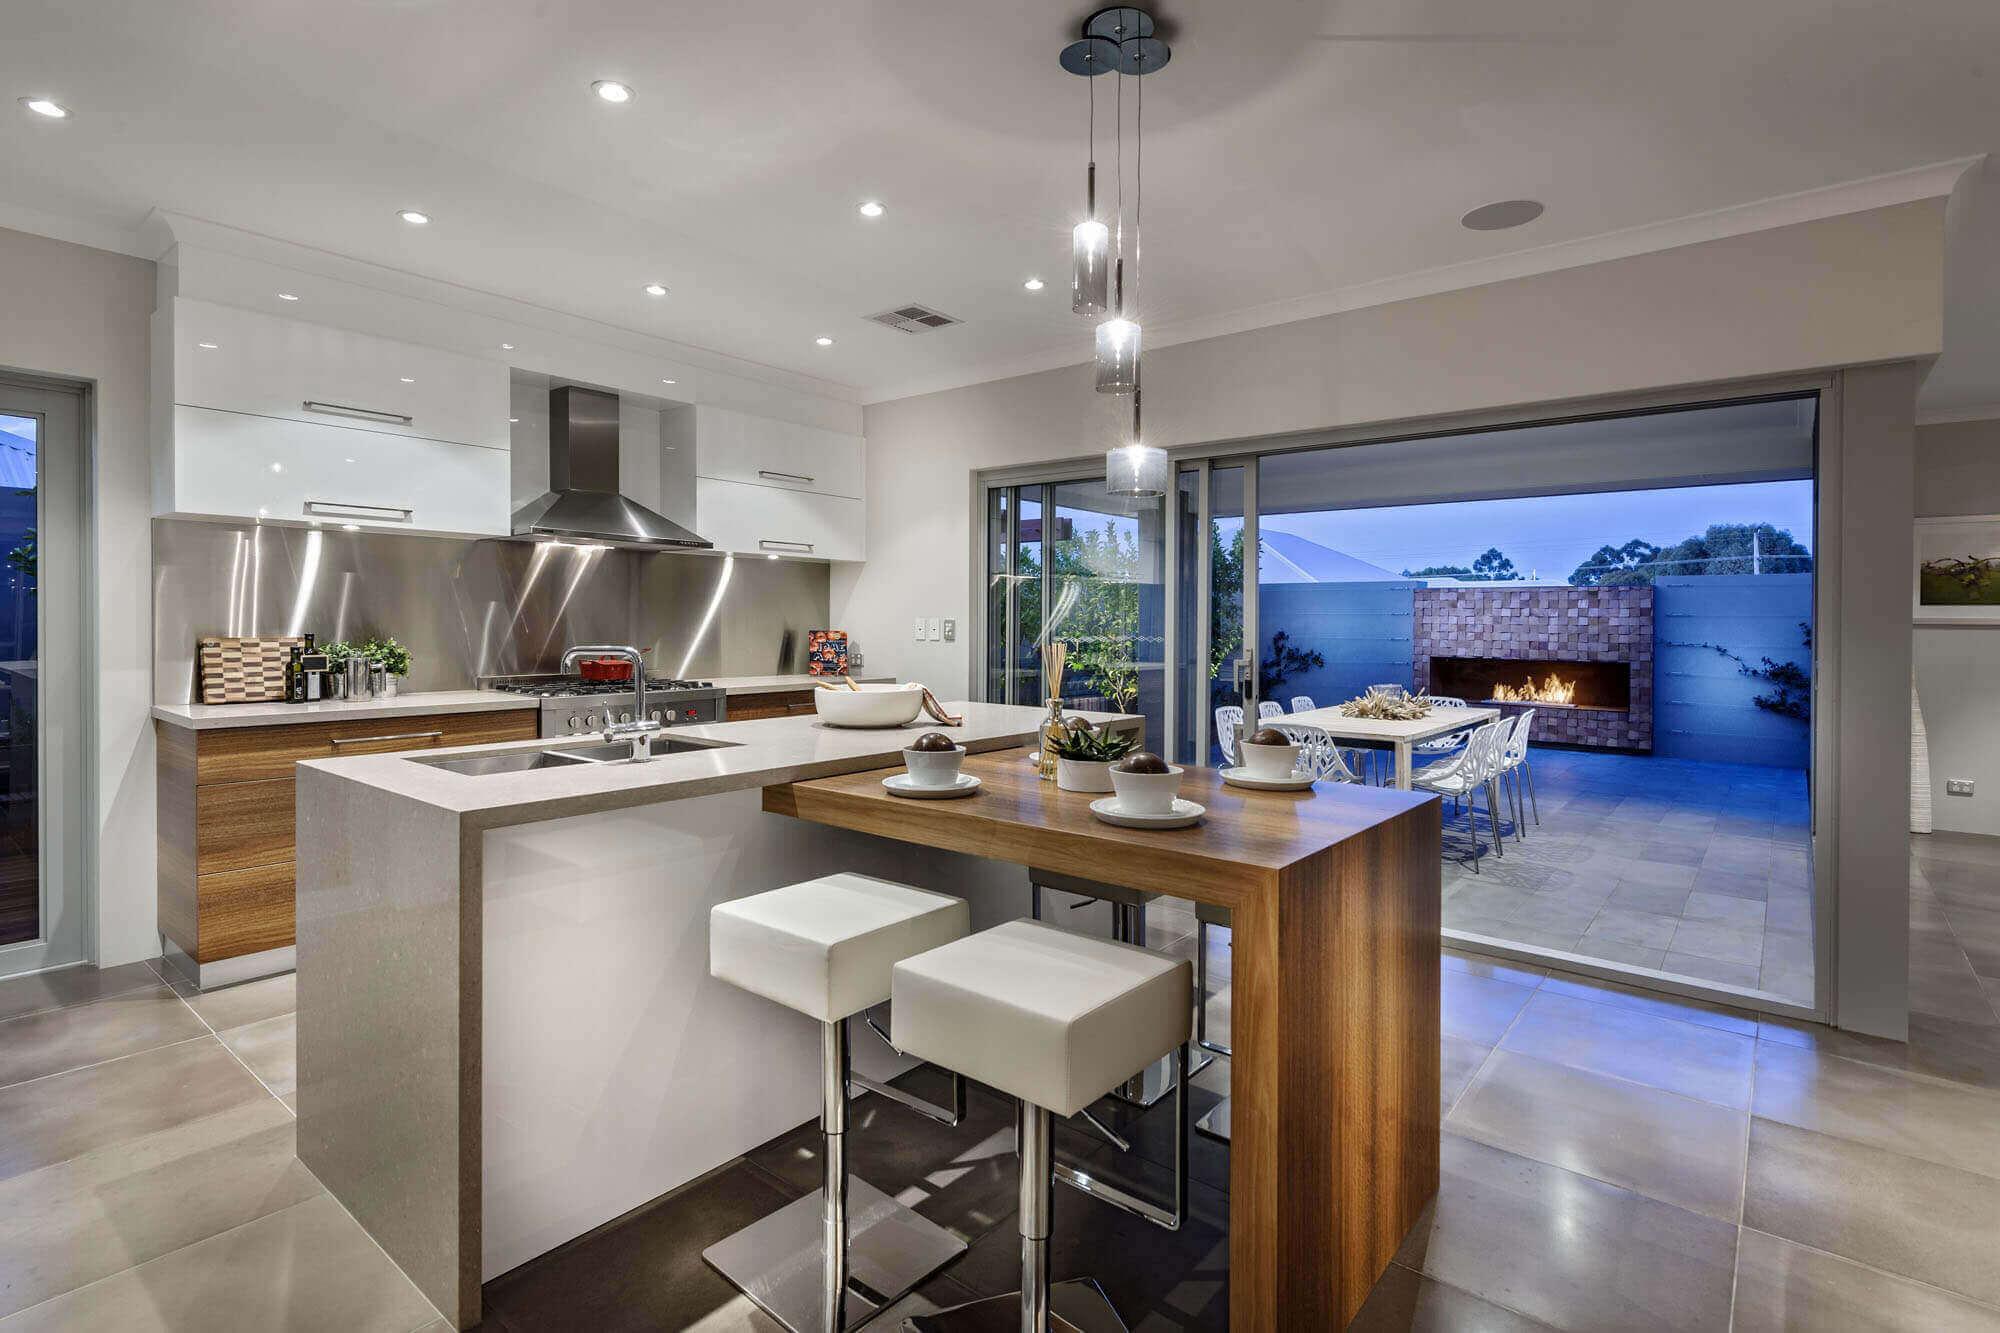 Modern Kitchen Islands with Breakfast Bar